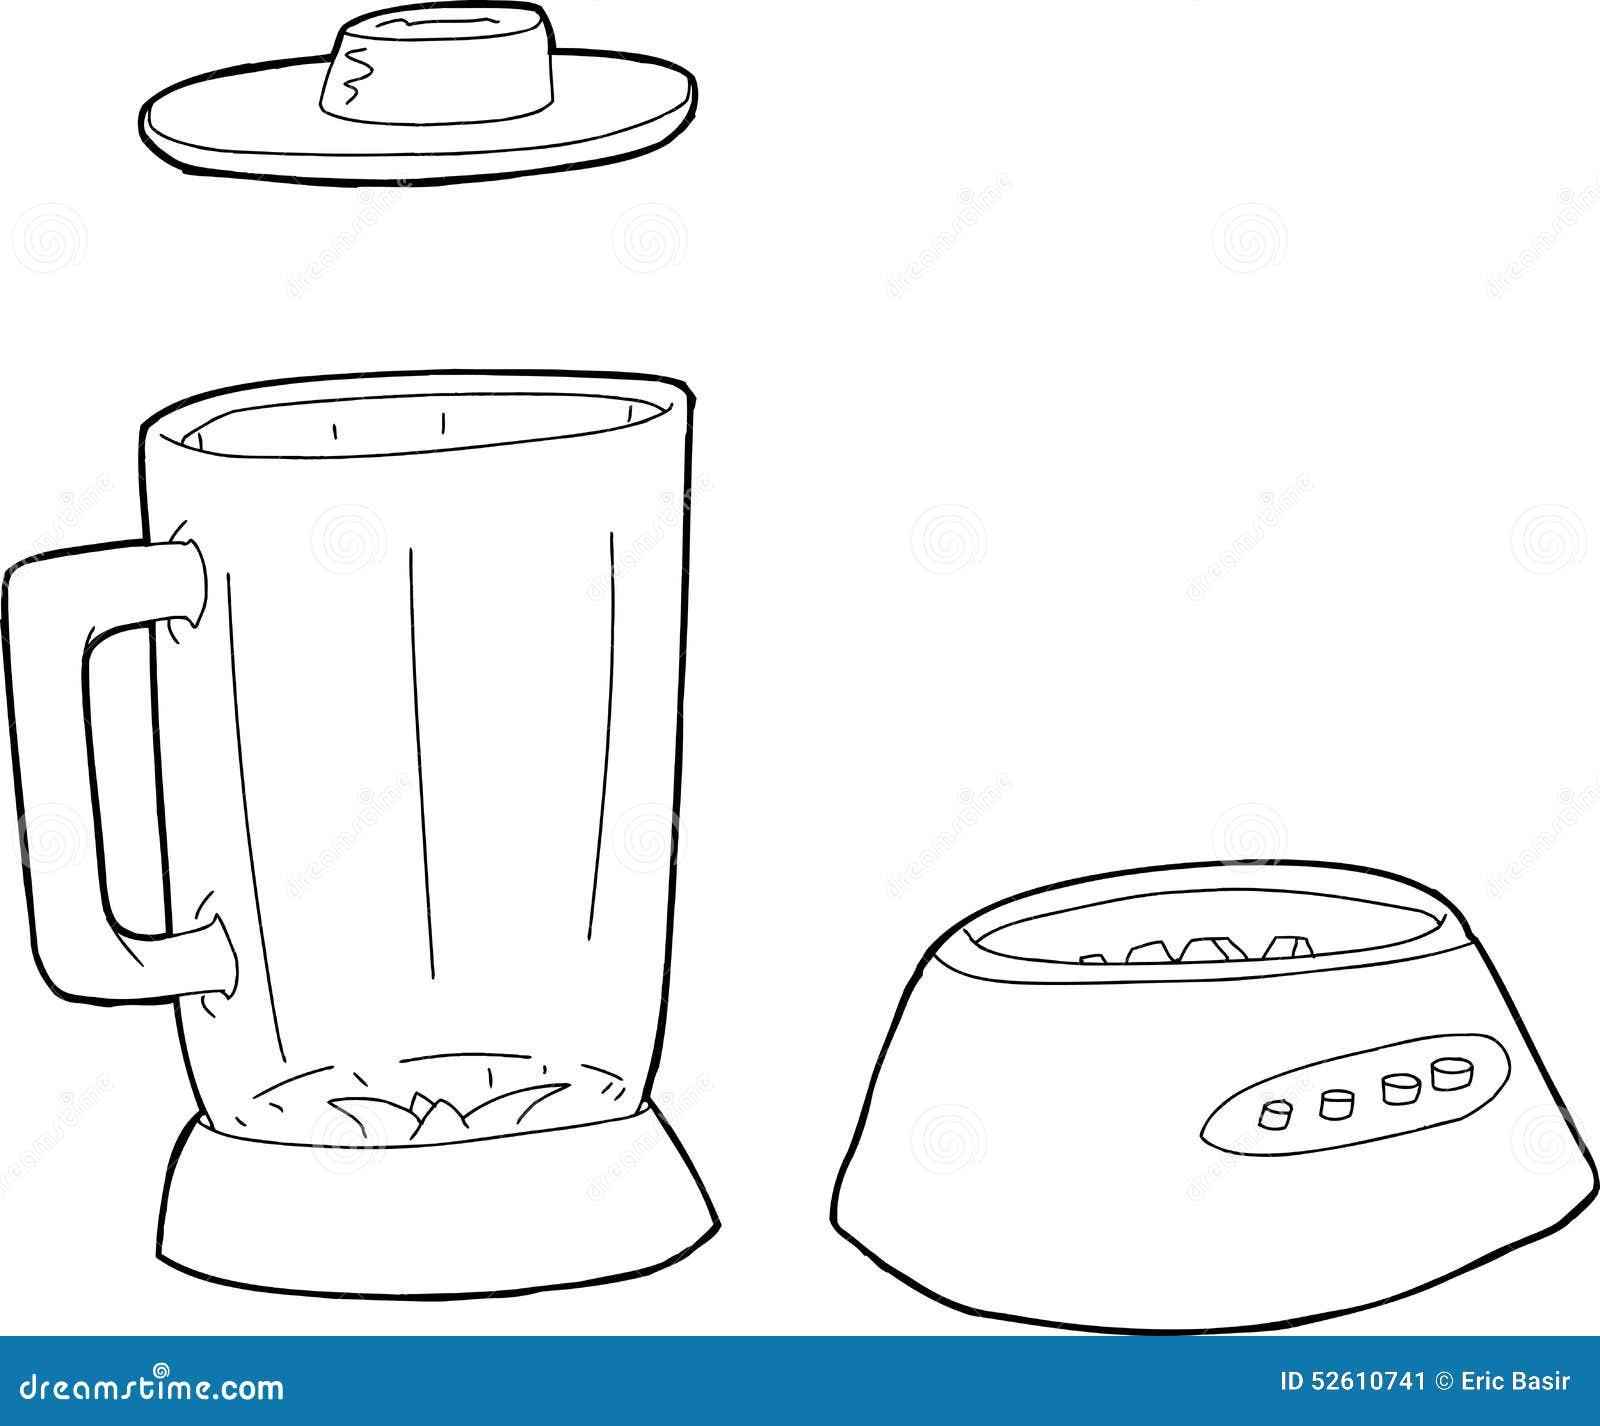 Clip Art Of Blender ~ Outlined set of blender parts stock illustration image